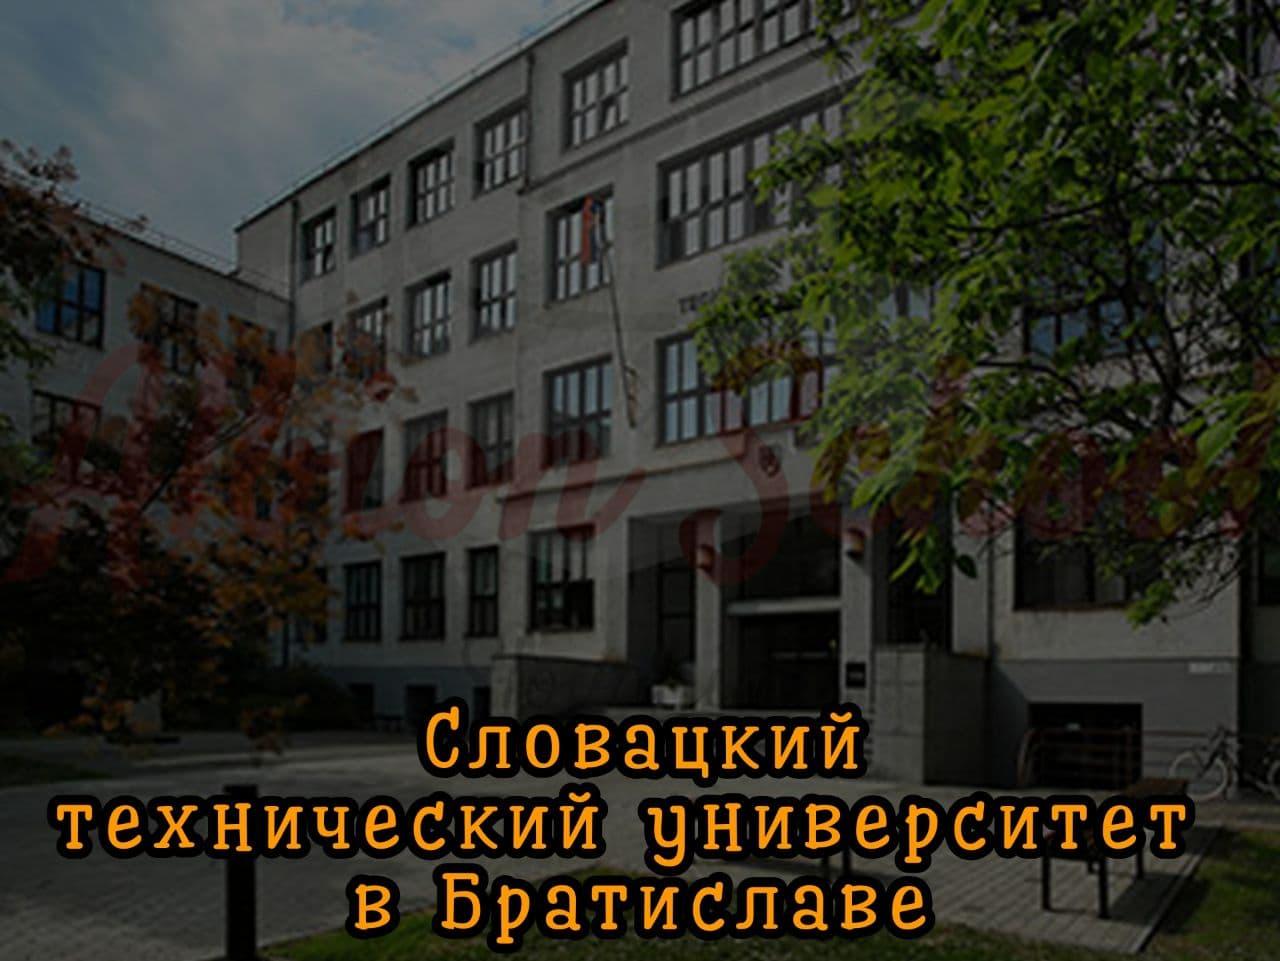 Технический университет в Братиславе Словакия